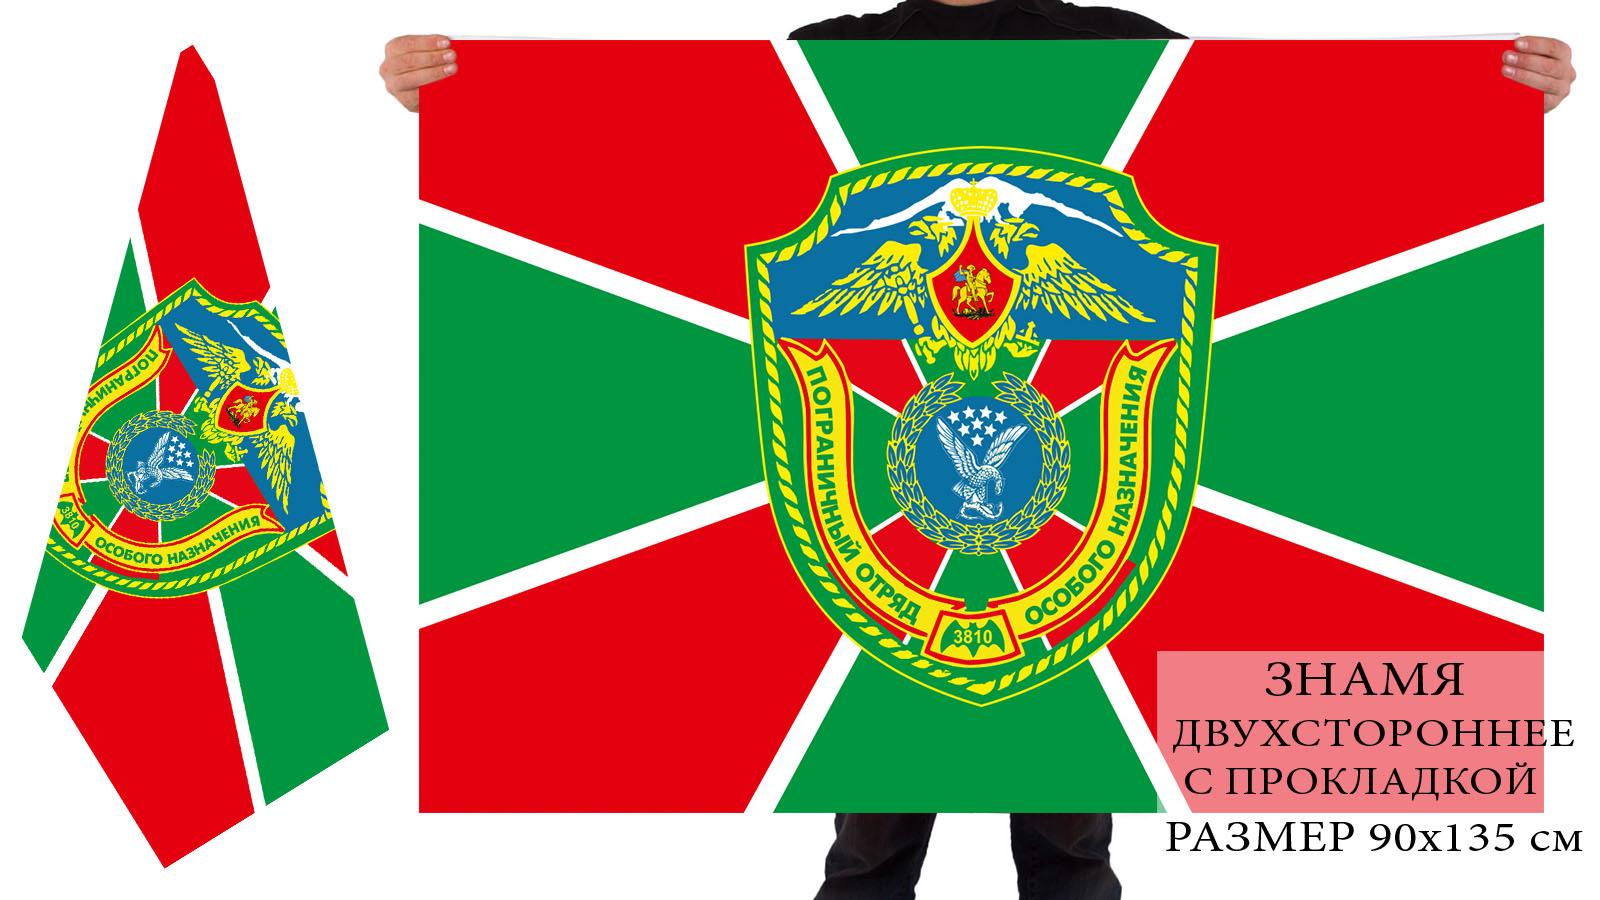 Флаг Пограничный Отряд Особого Назначения №487, в/ч 3810